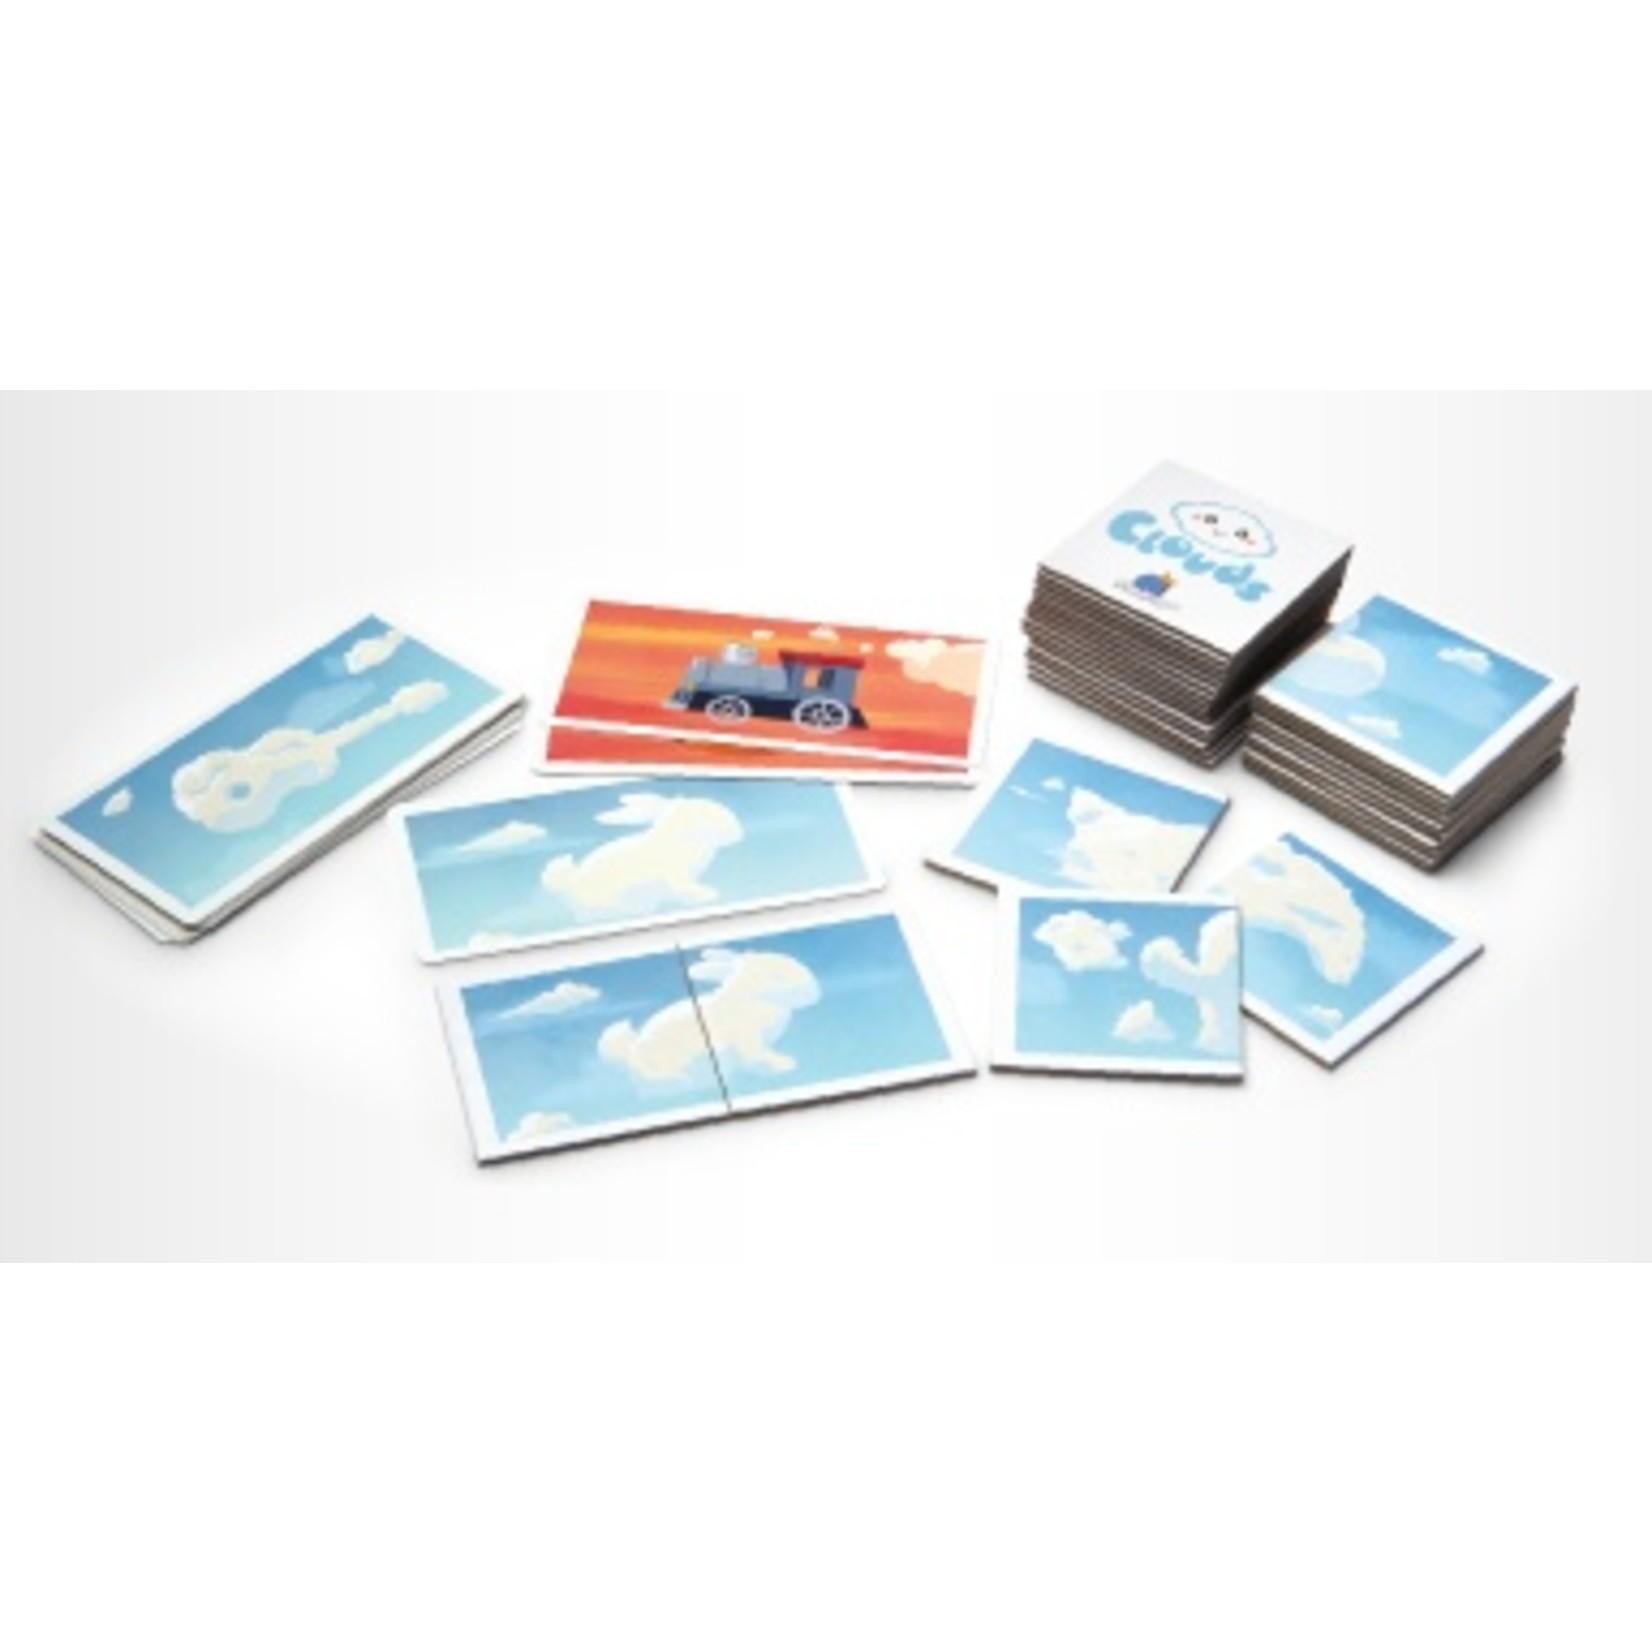 Blue Orange Games Clouds Matching Game